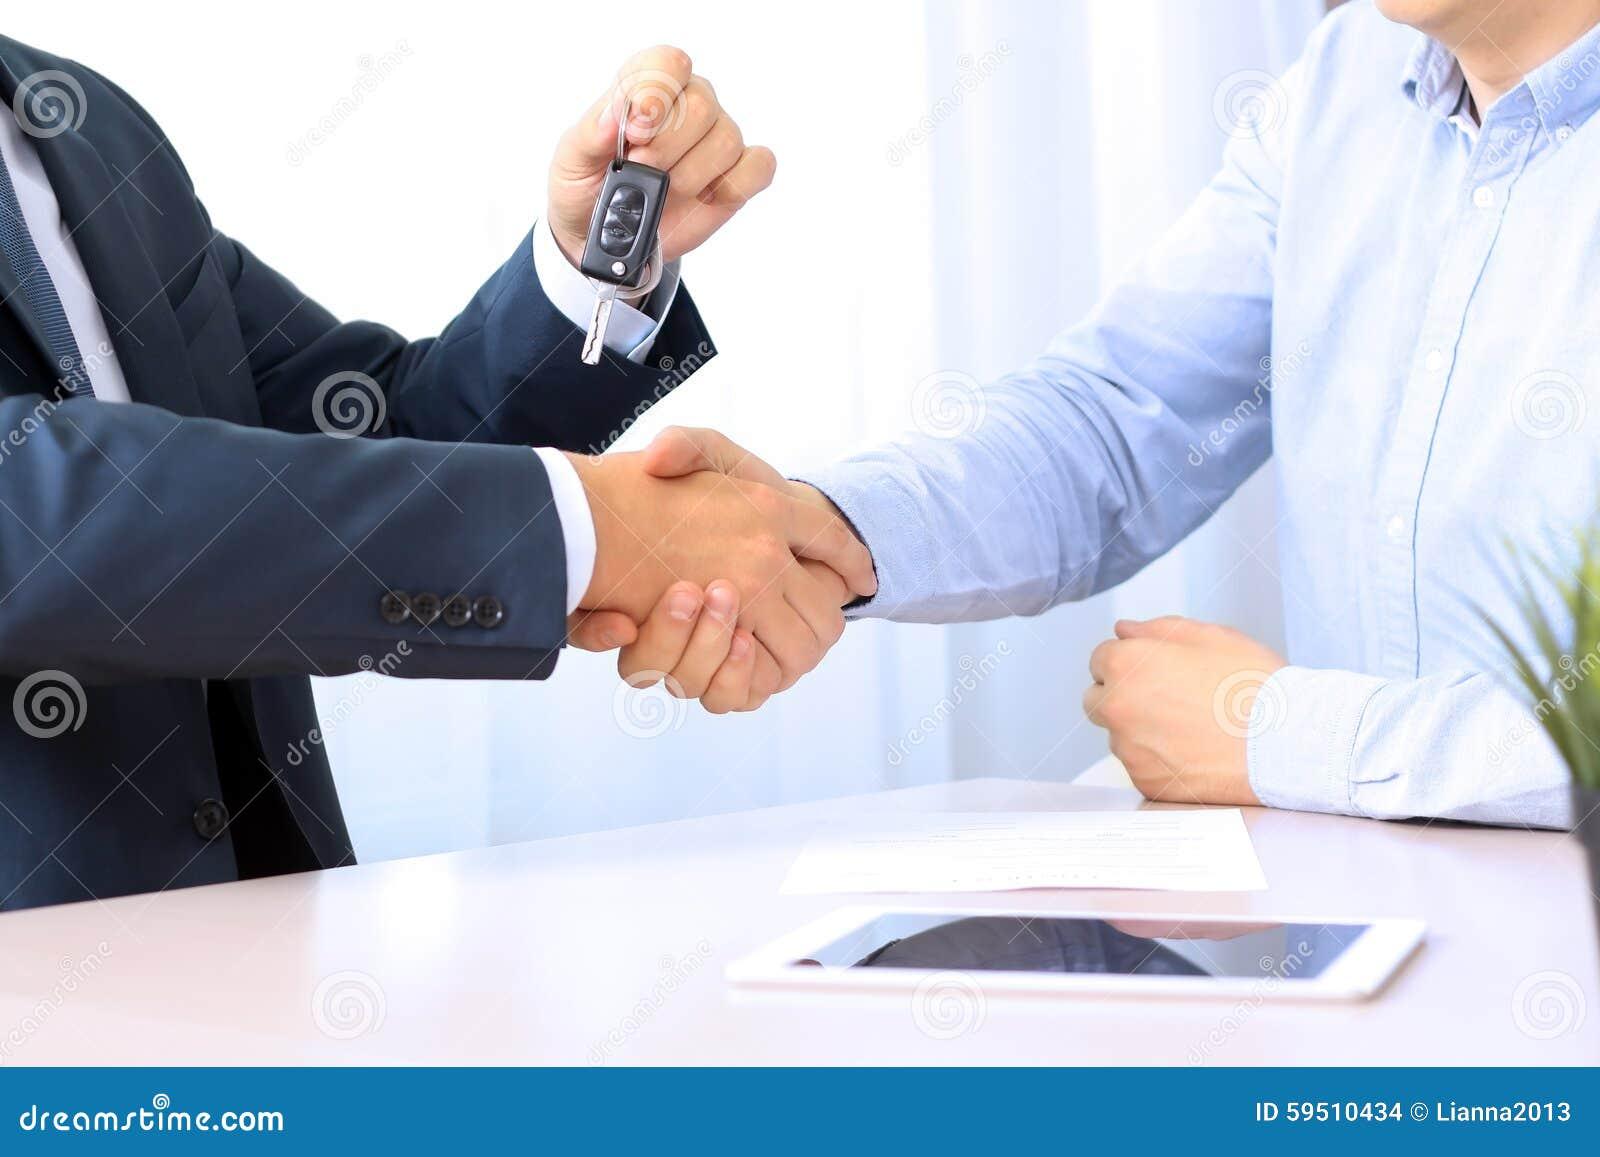 Part Time Car Salesman